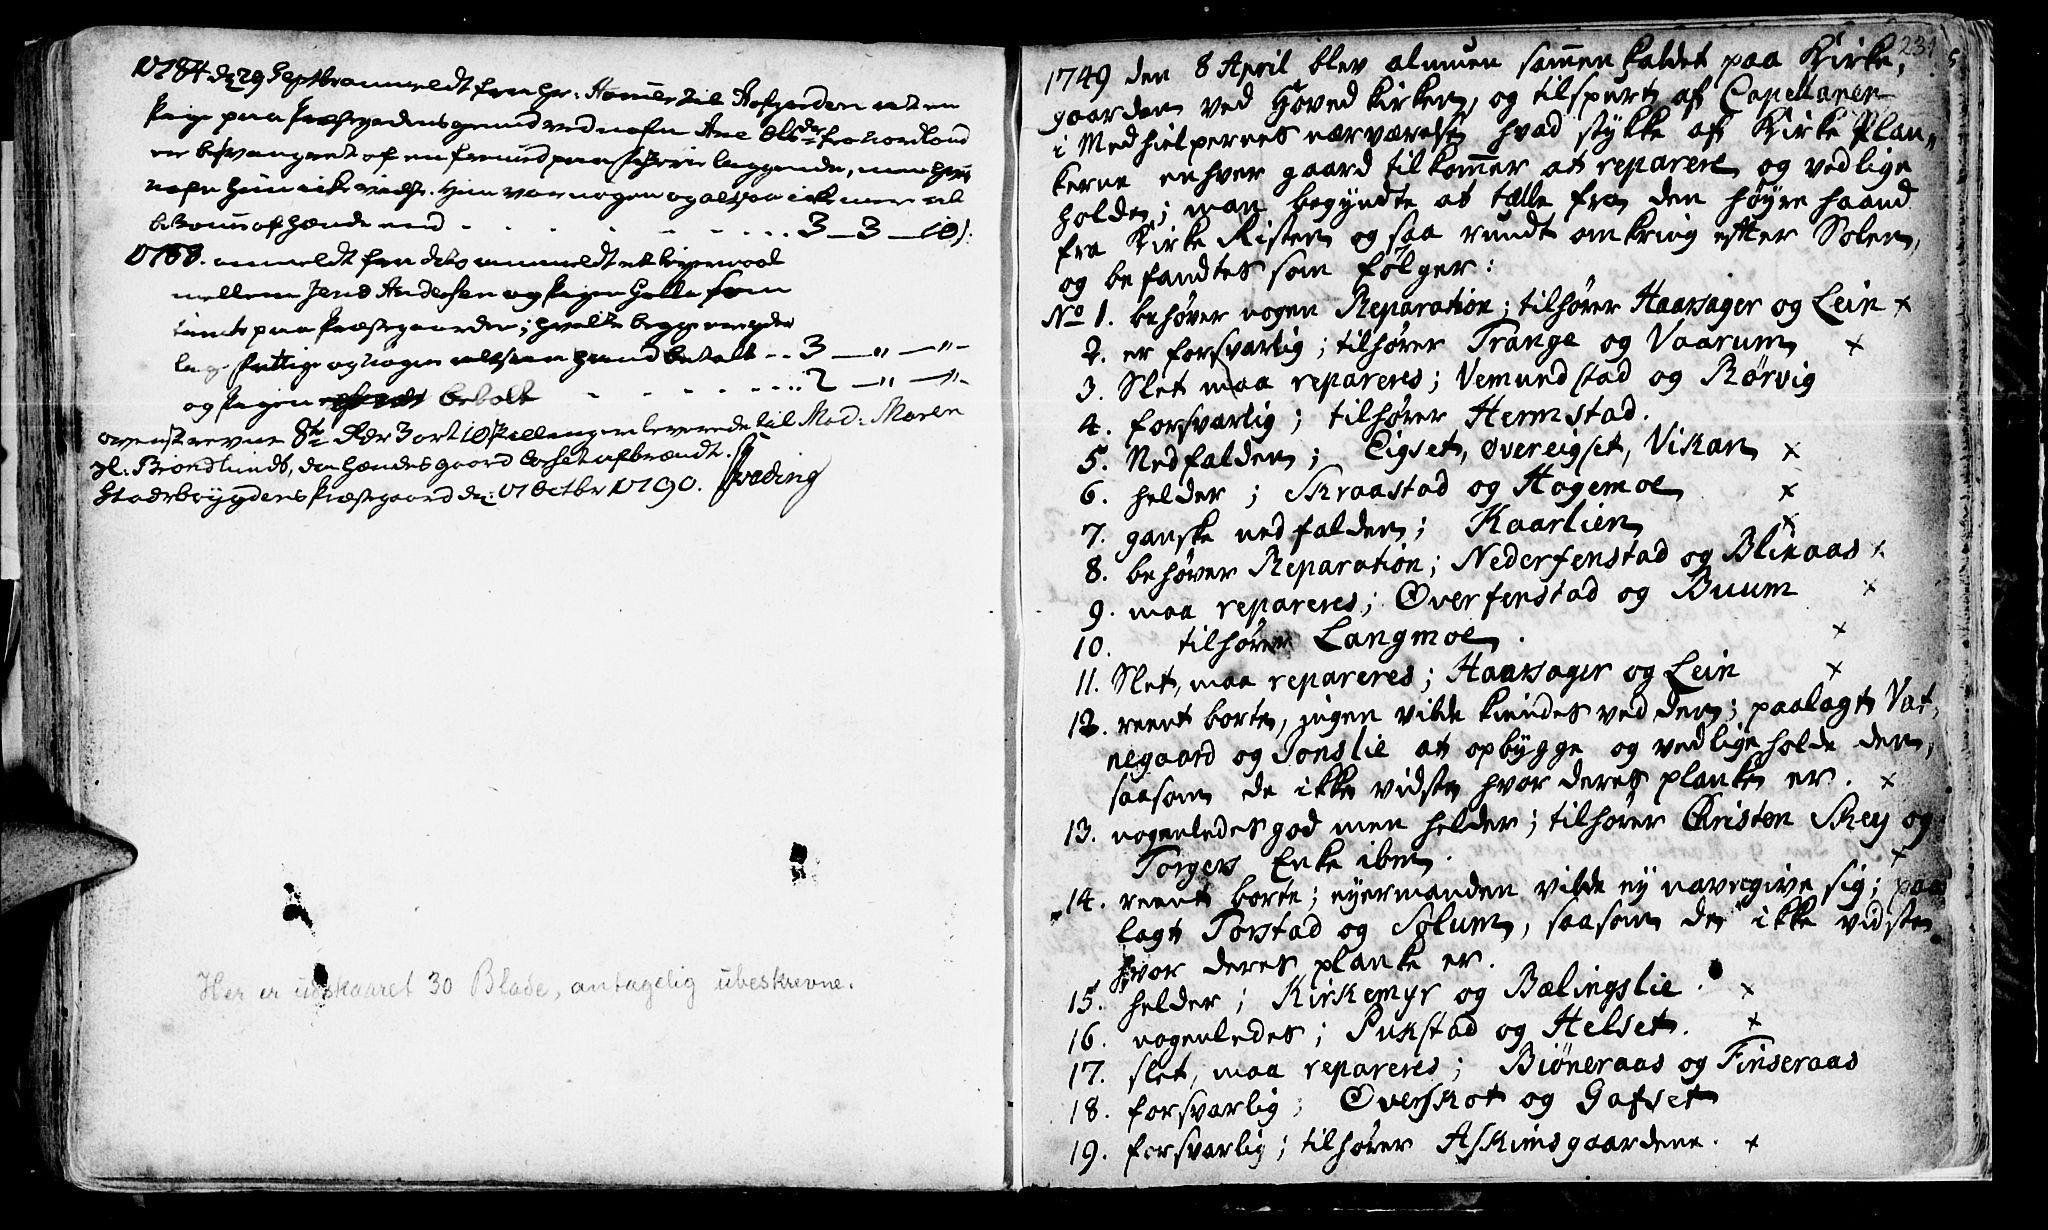 SAT, Ministerialprotokoller, klokkerbøker og fødselsregistre - Sør-Trøndelag, 646/L0604: Ministerialbok nr. 646A02, 1735-1750, s. 230-231